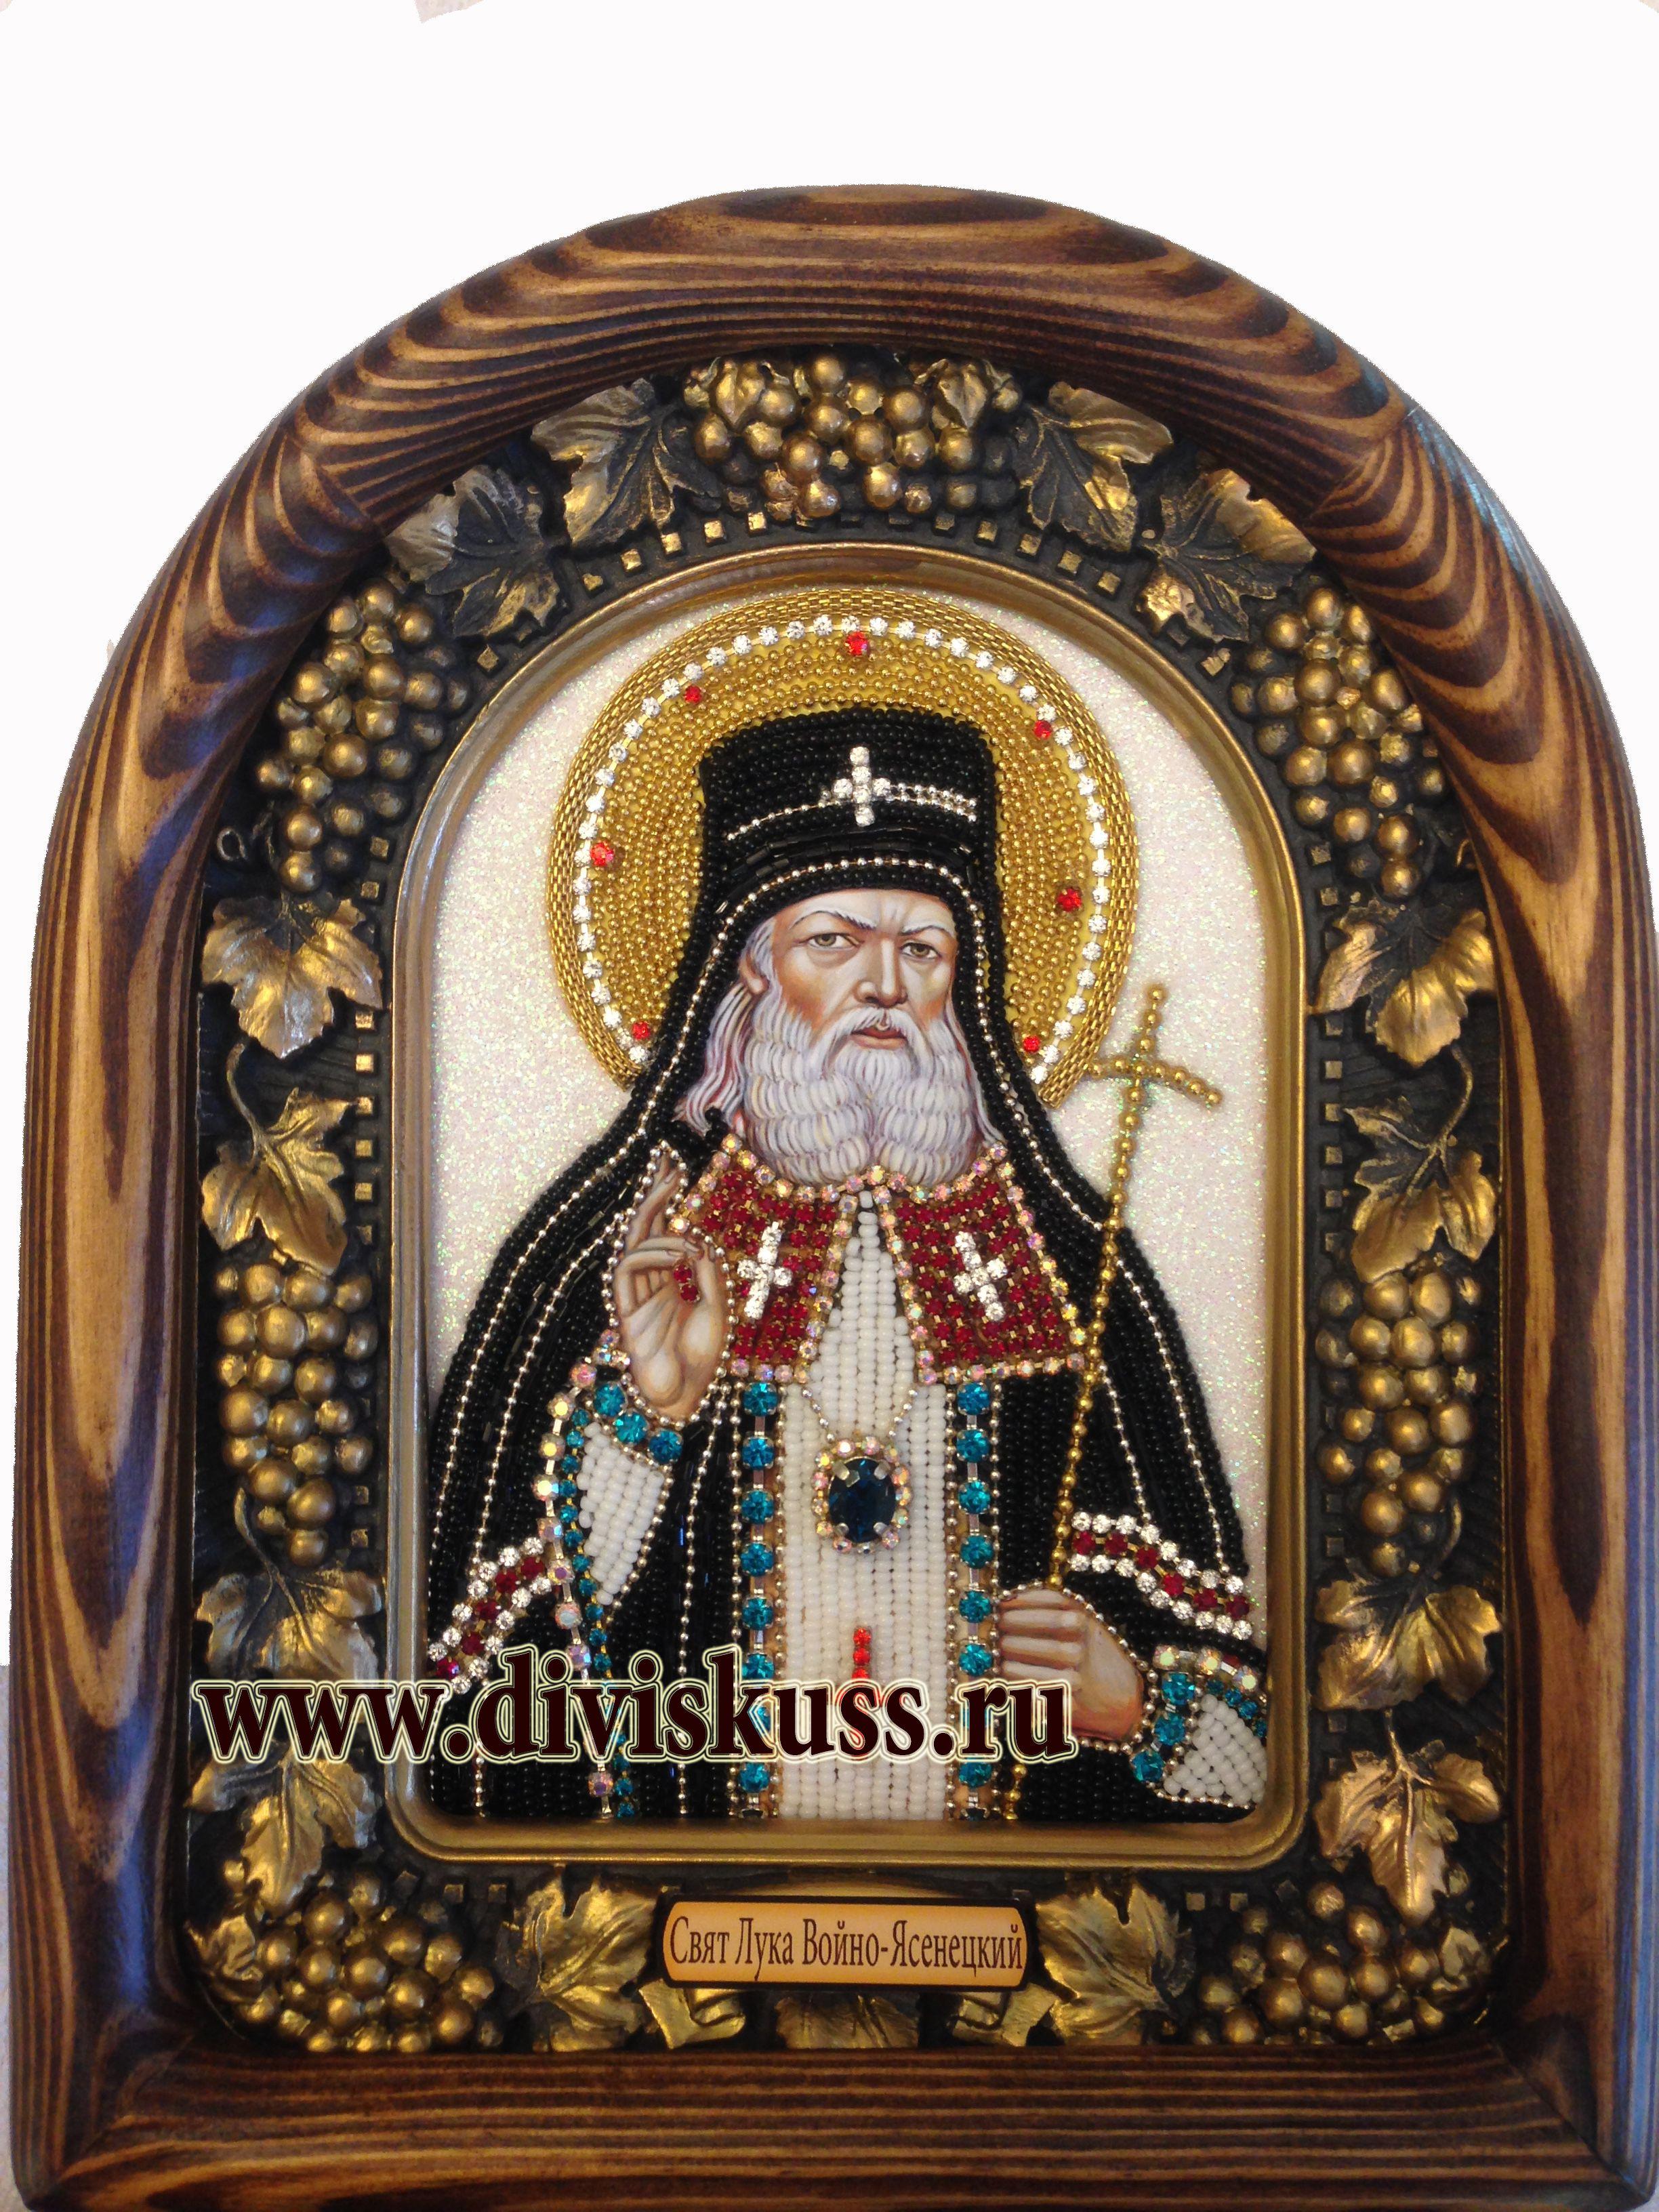 Святой исповедник Лука Крымский (Валентин Войно-Ясенецкий)